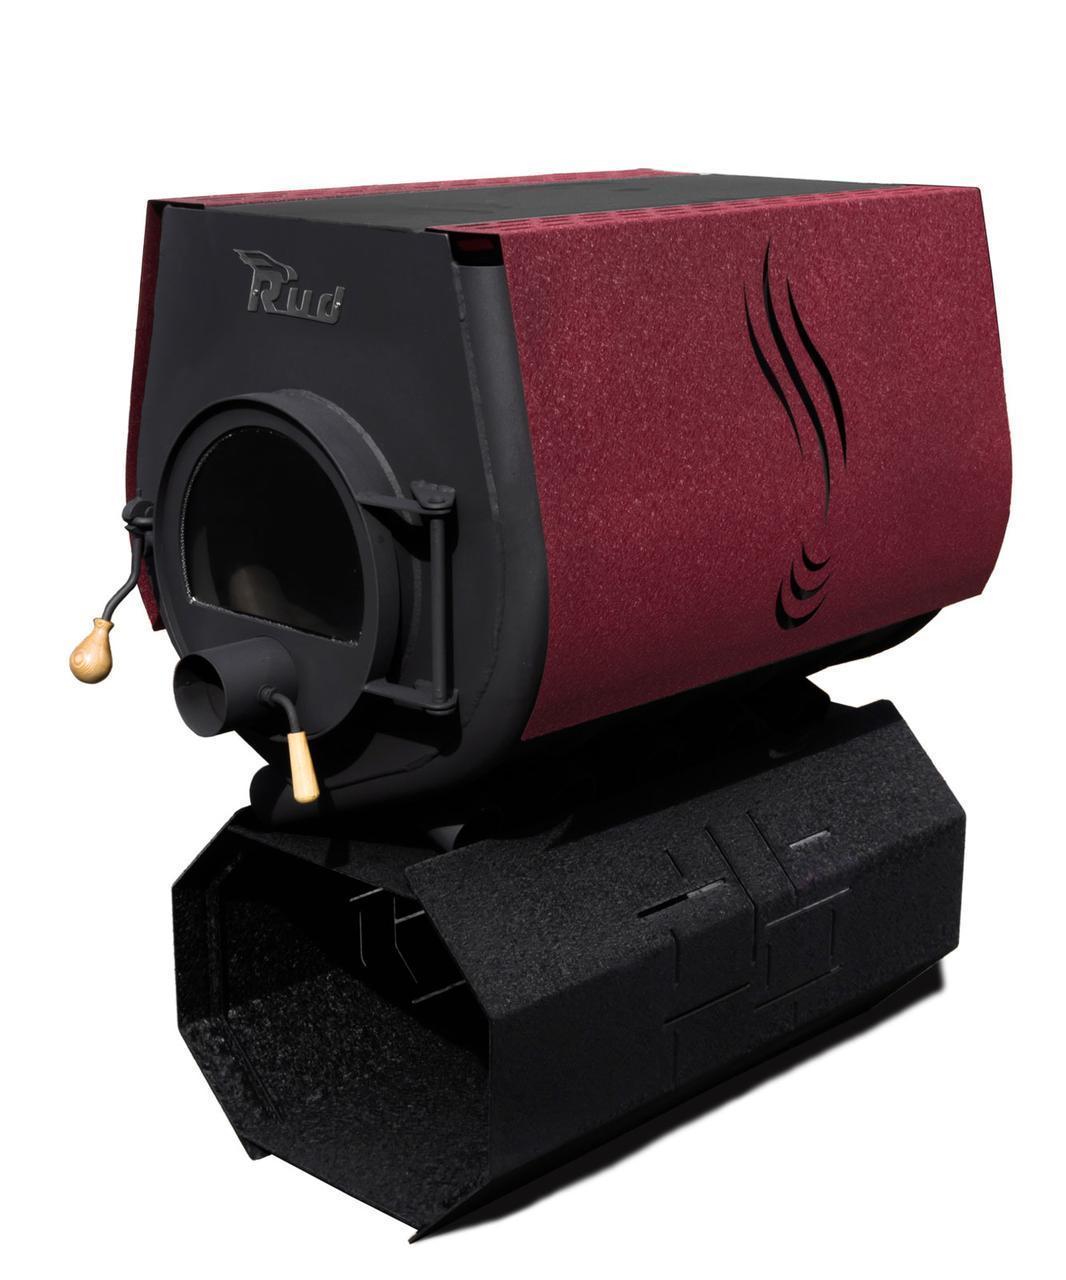 Булерьян, отопительная печь Rud Pyrotron Кантри 03 с варочной поверхностью Обшивка декоративная (черная)